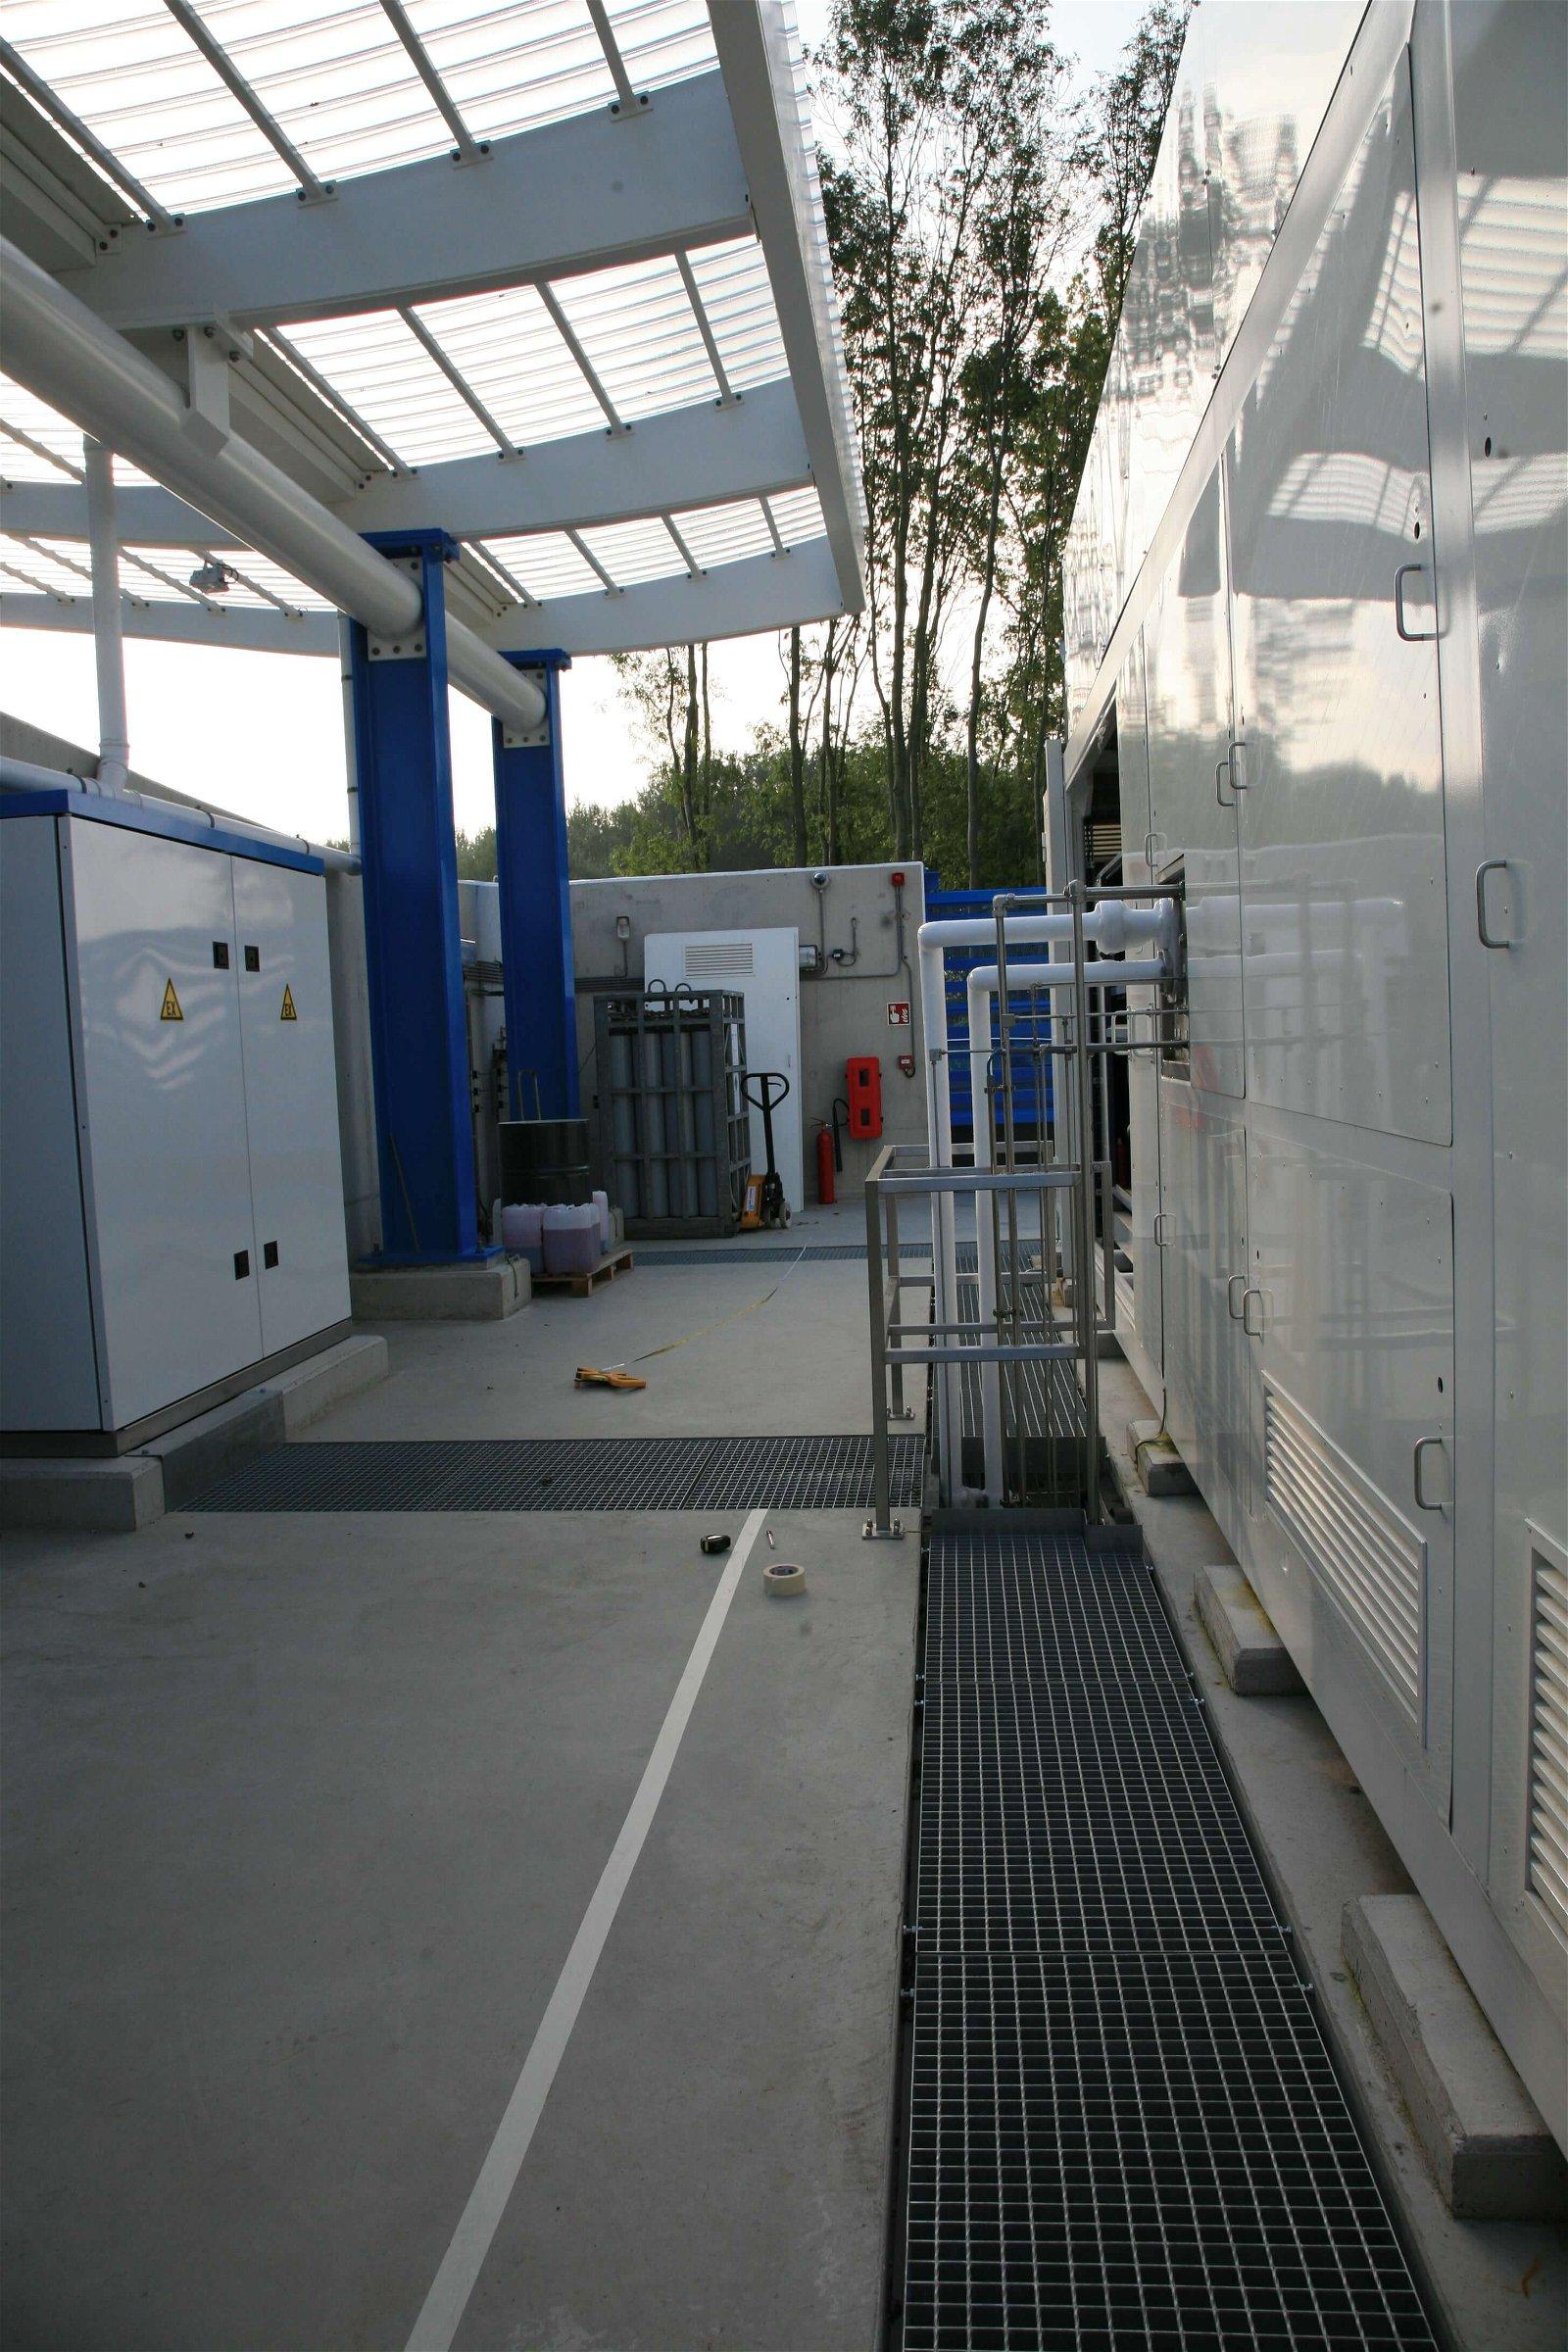 Hoppenbrouwers Techniek verzorgde de technische installaties bij Air Liquide Rhoon